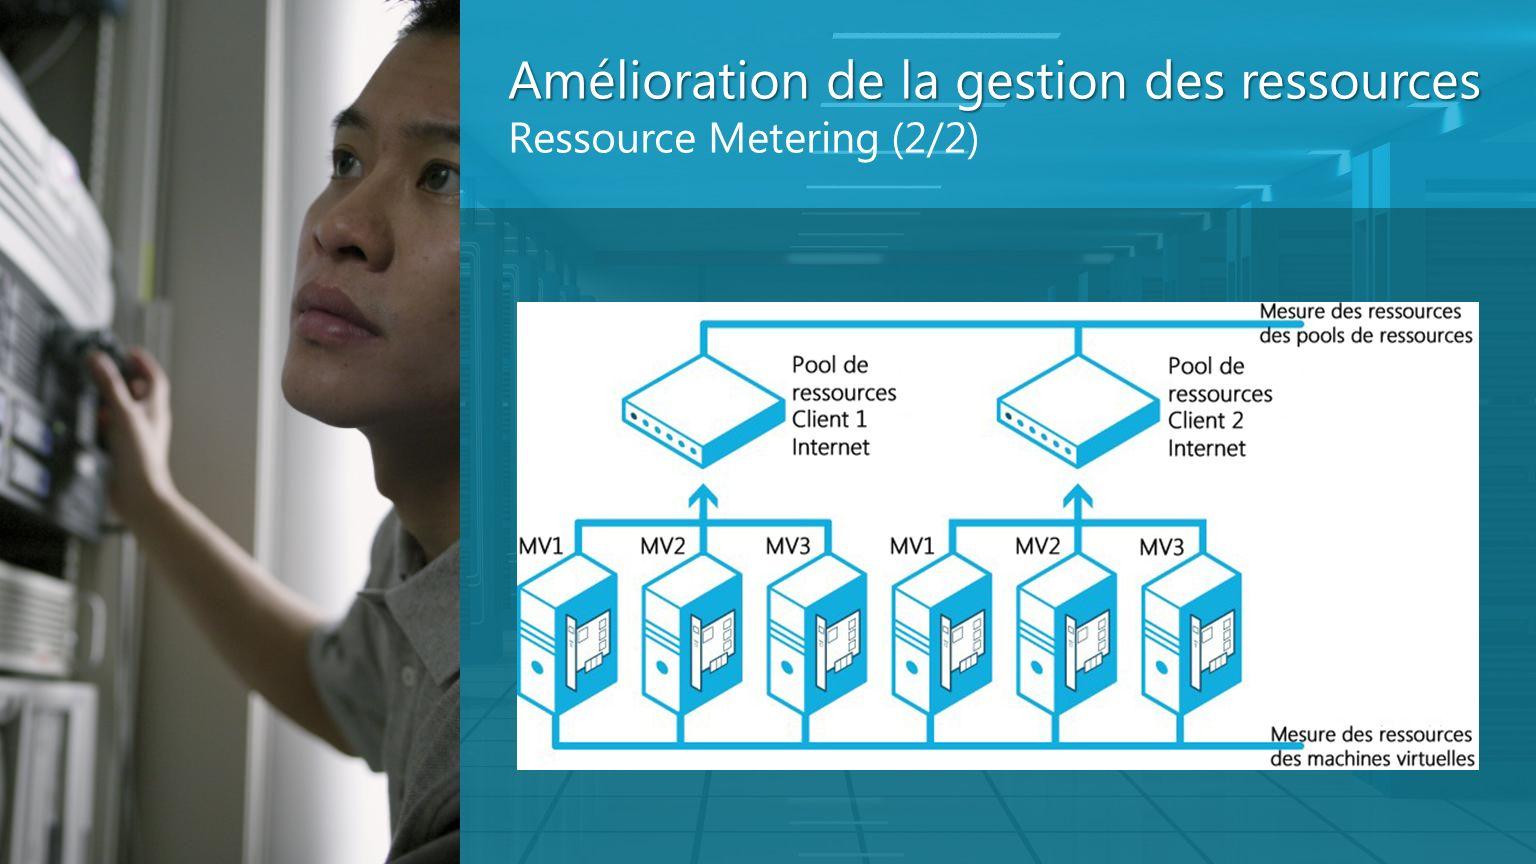 Amélioration de la gestion des ressources Ressource Metering (2/2)